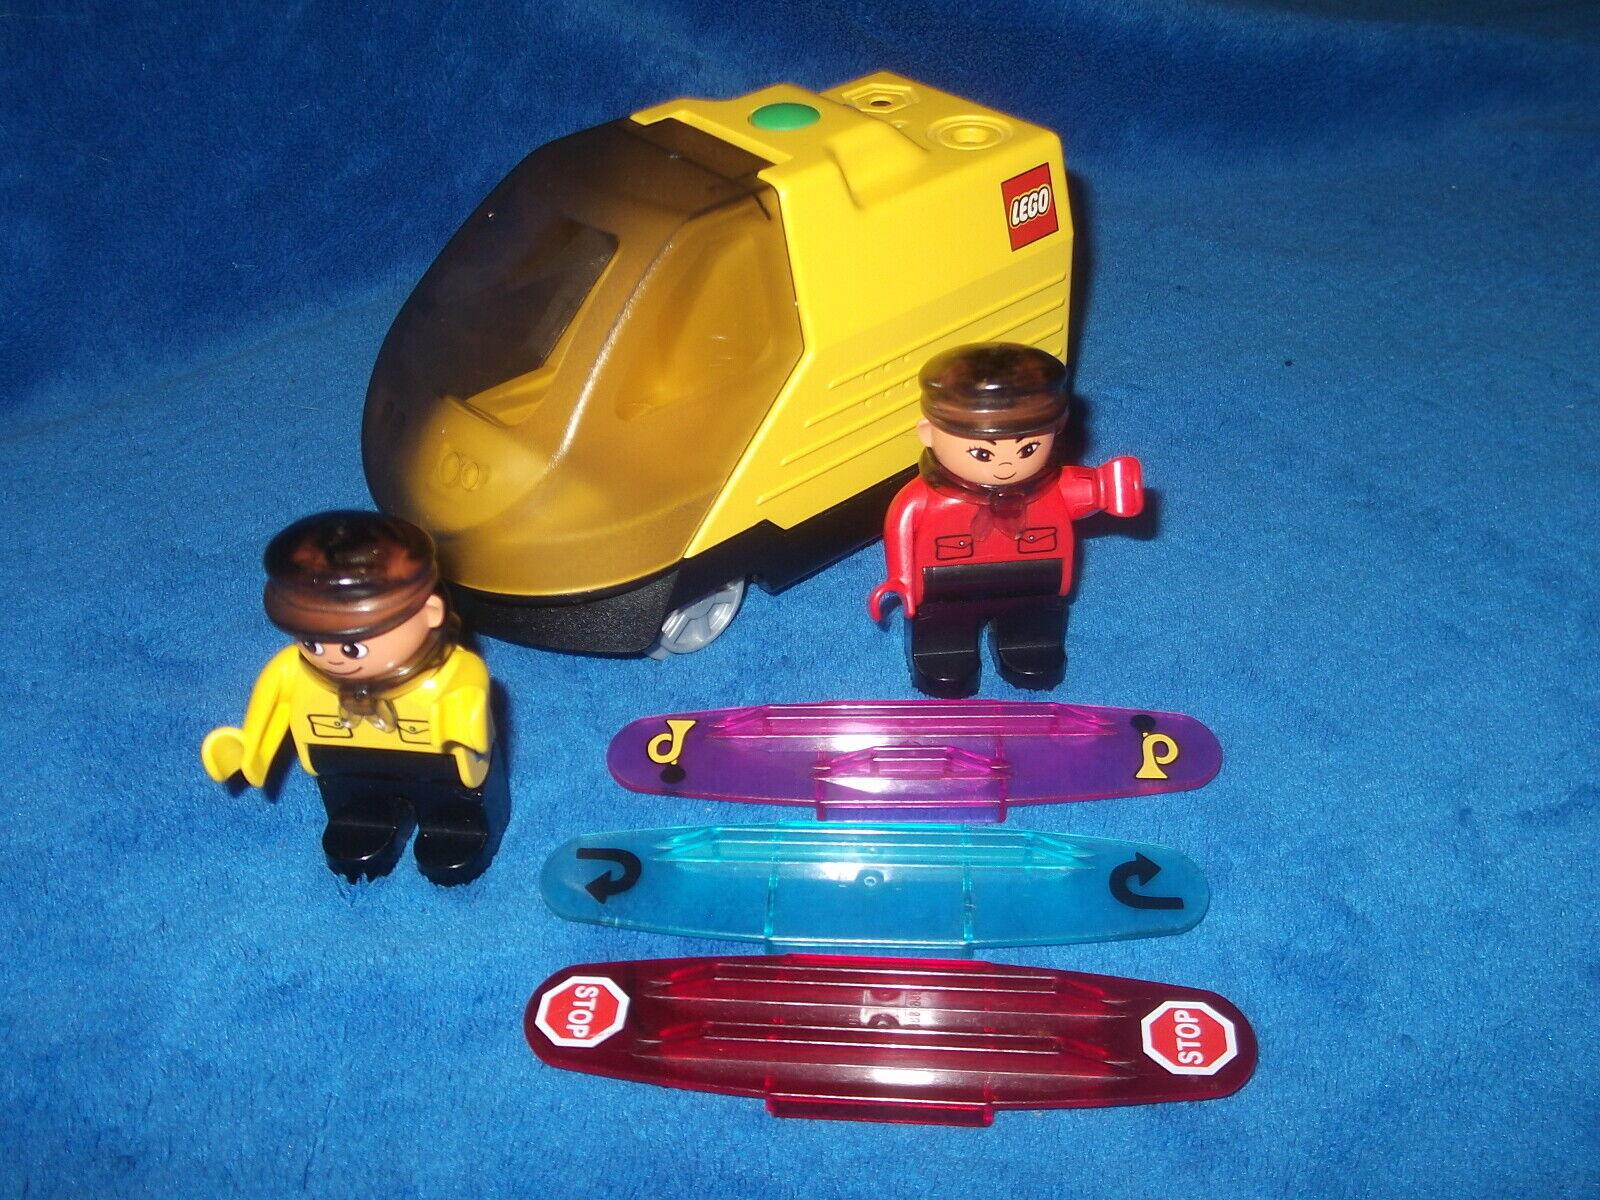 Lego Duplo Eisenbahn INTELLI Lok aus 3325 3 X Codesteine Fahrer Rot + Gelb